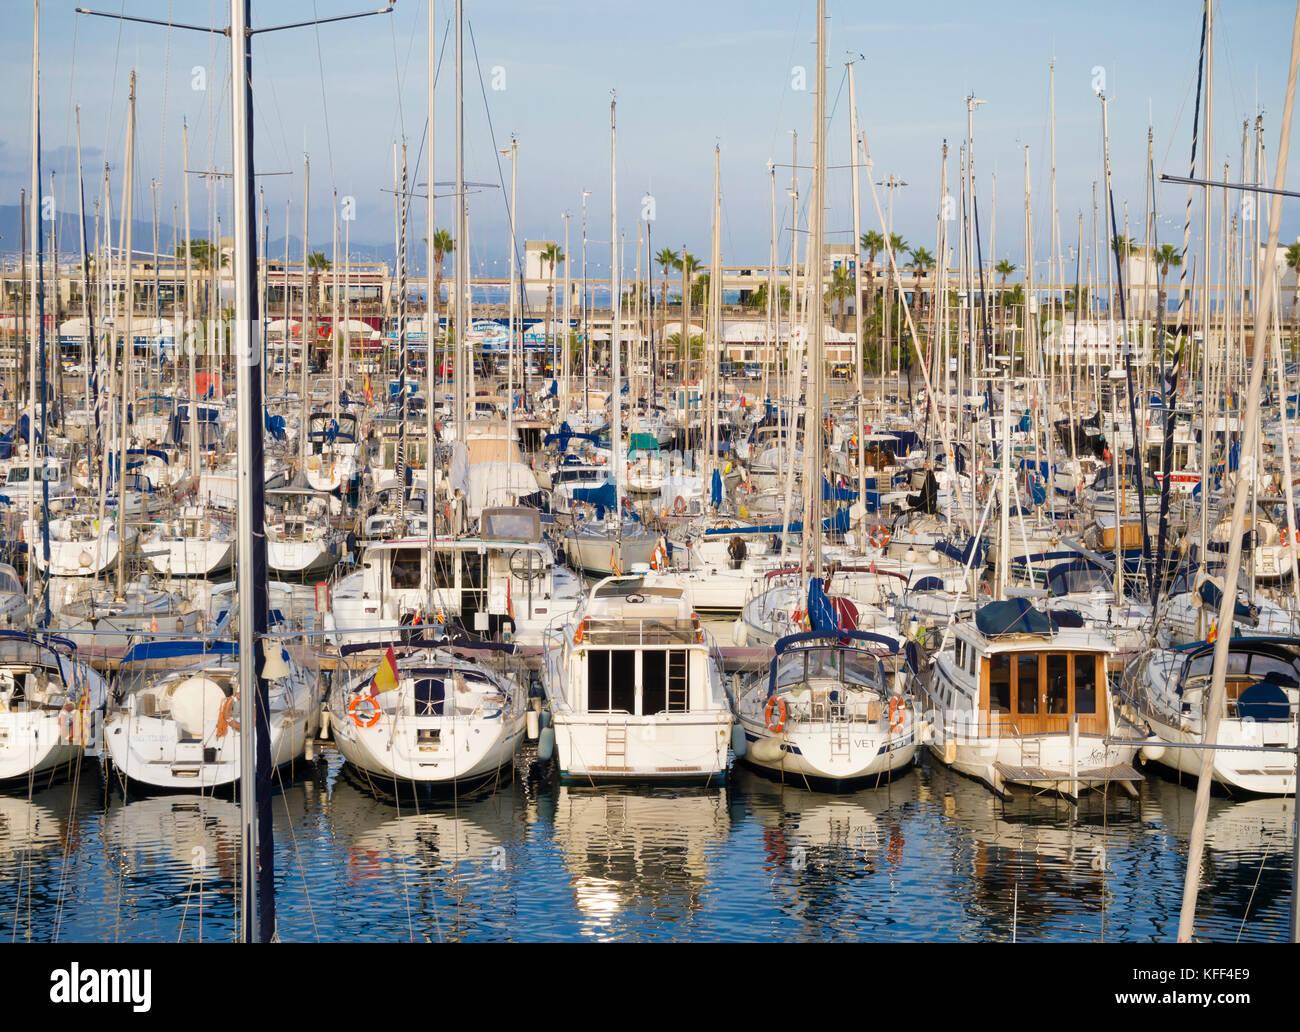 Barcelona, Spain - 11 Nov 2016: many yachts are parked at Barcelona's marina. - Stock Image